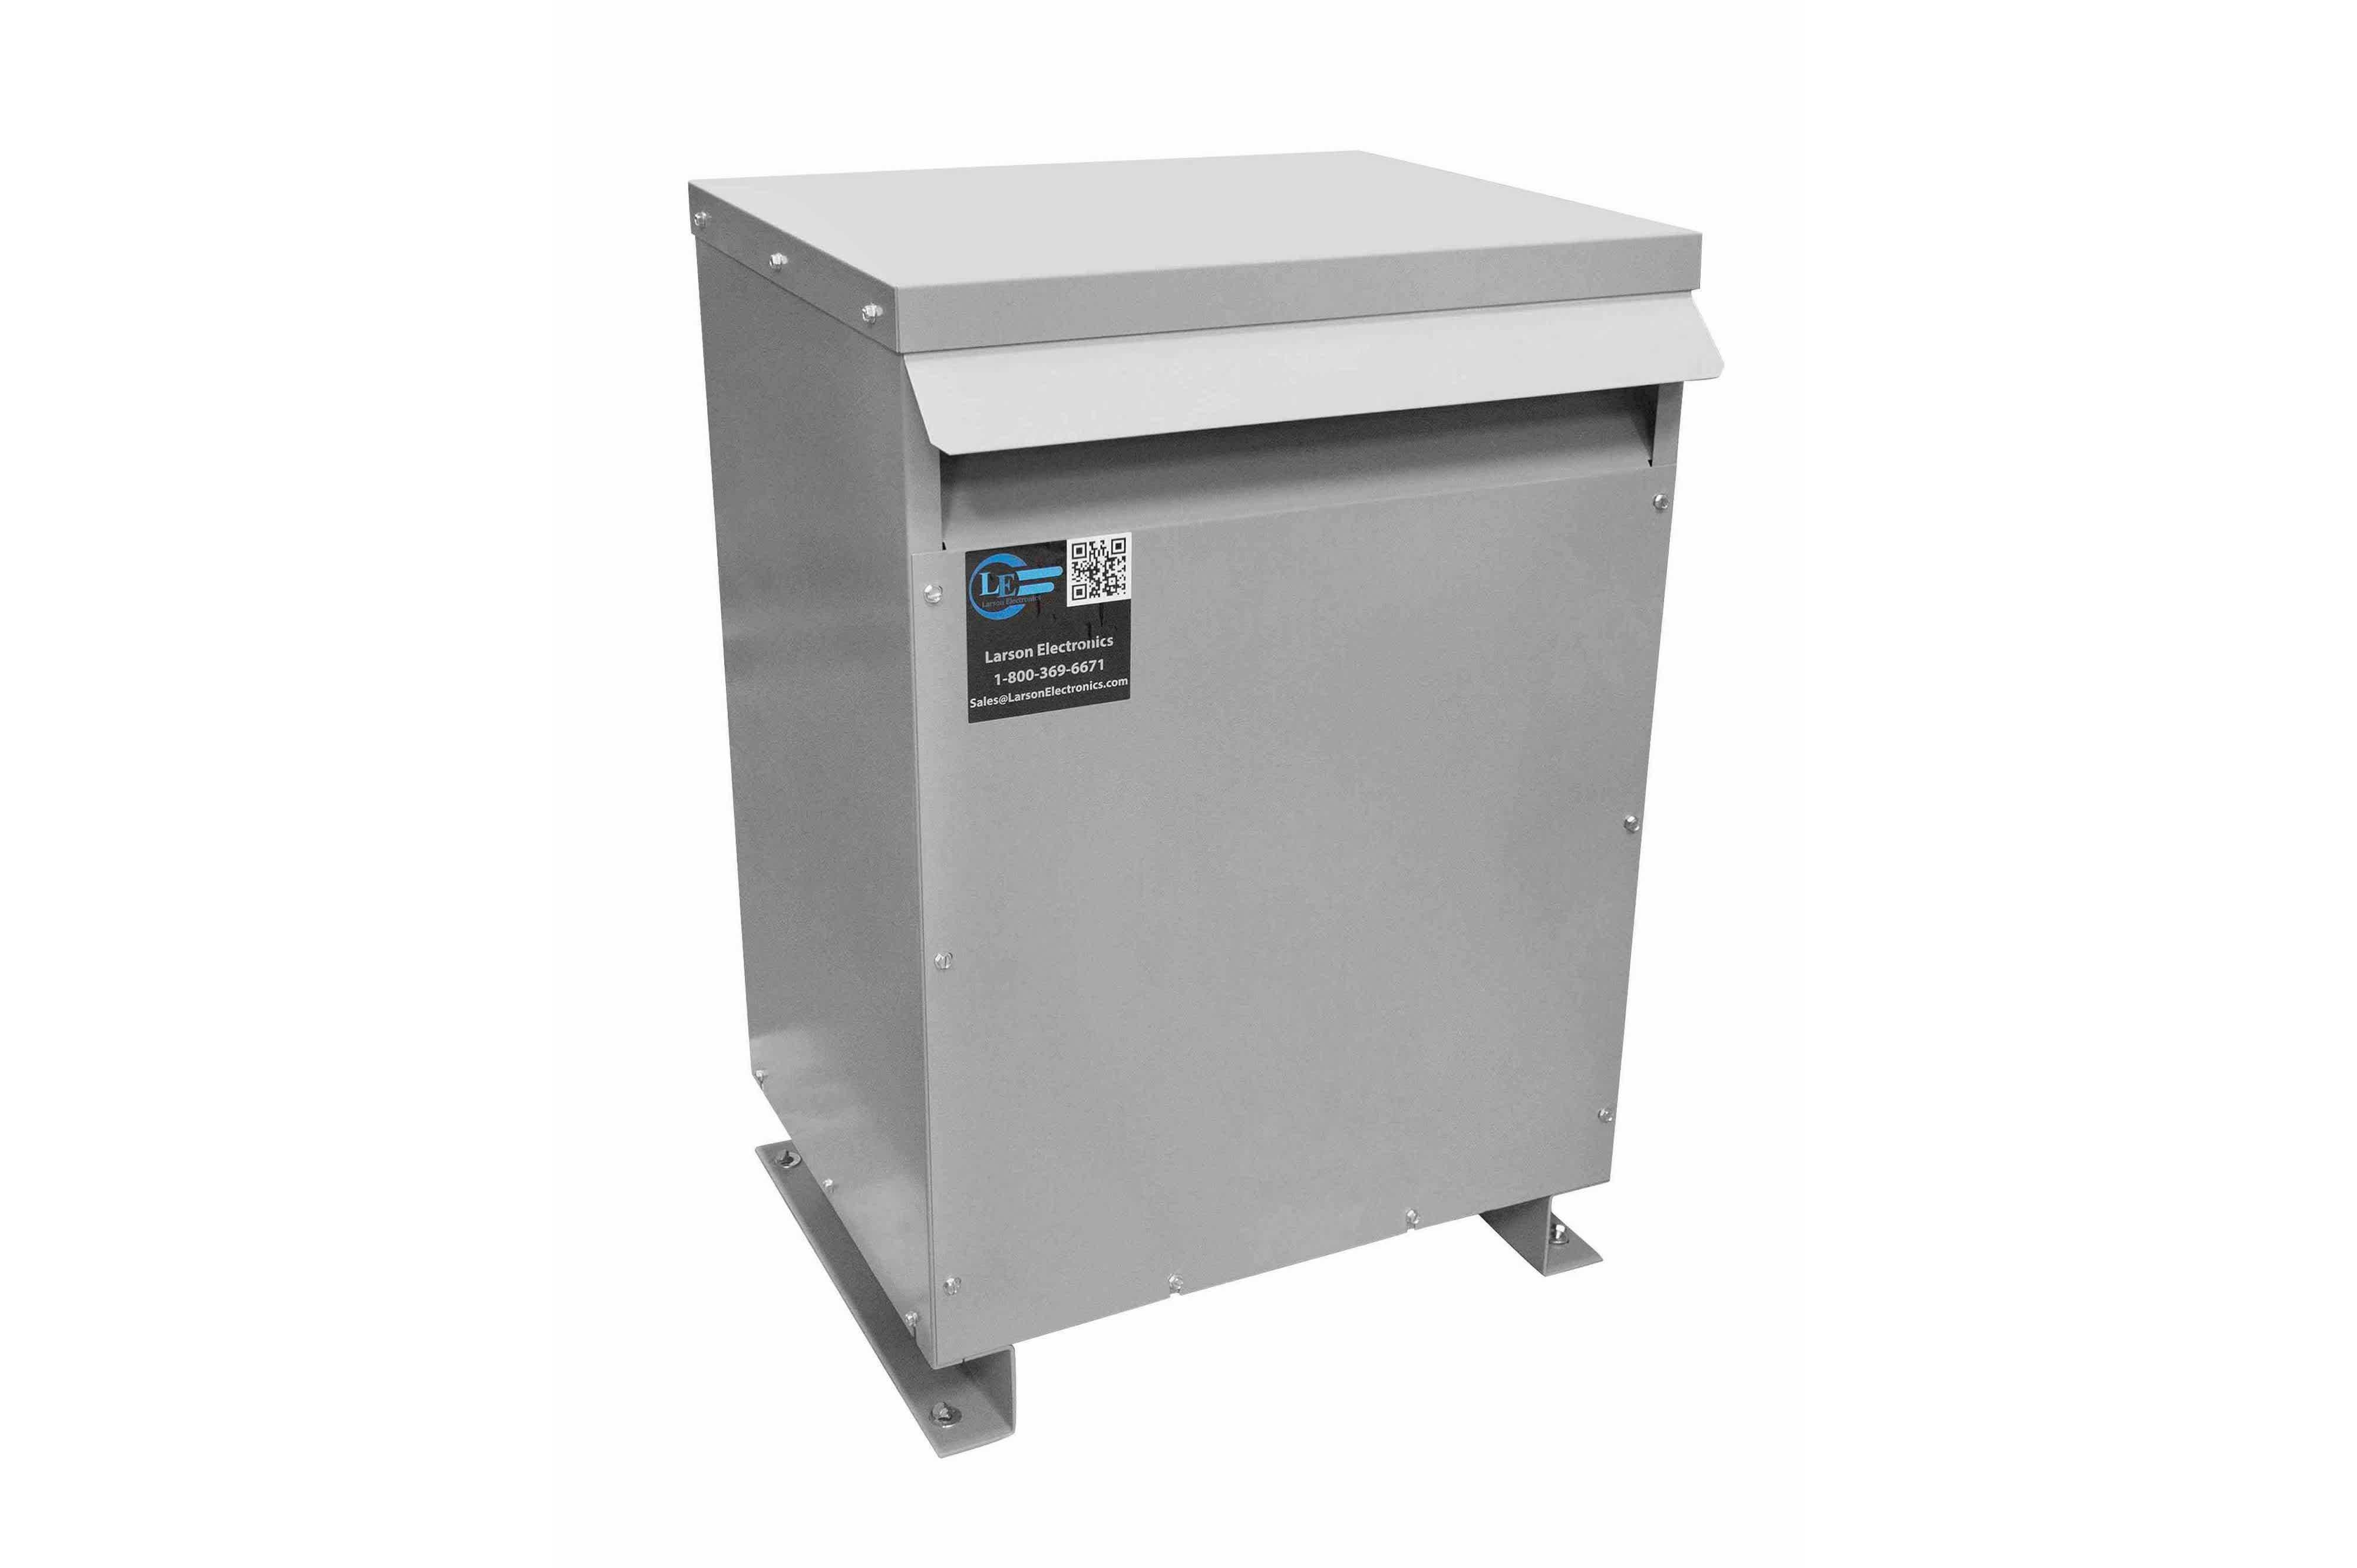 32.5 kVA 3PH Isolation Transformer, 460V Delta Primary, 575V Delta Secondary, N3R, Ventilated, 60 Hz